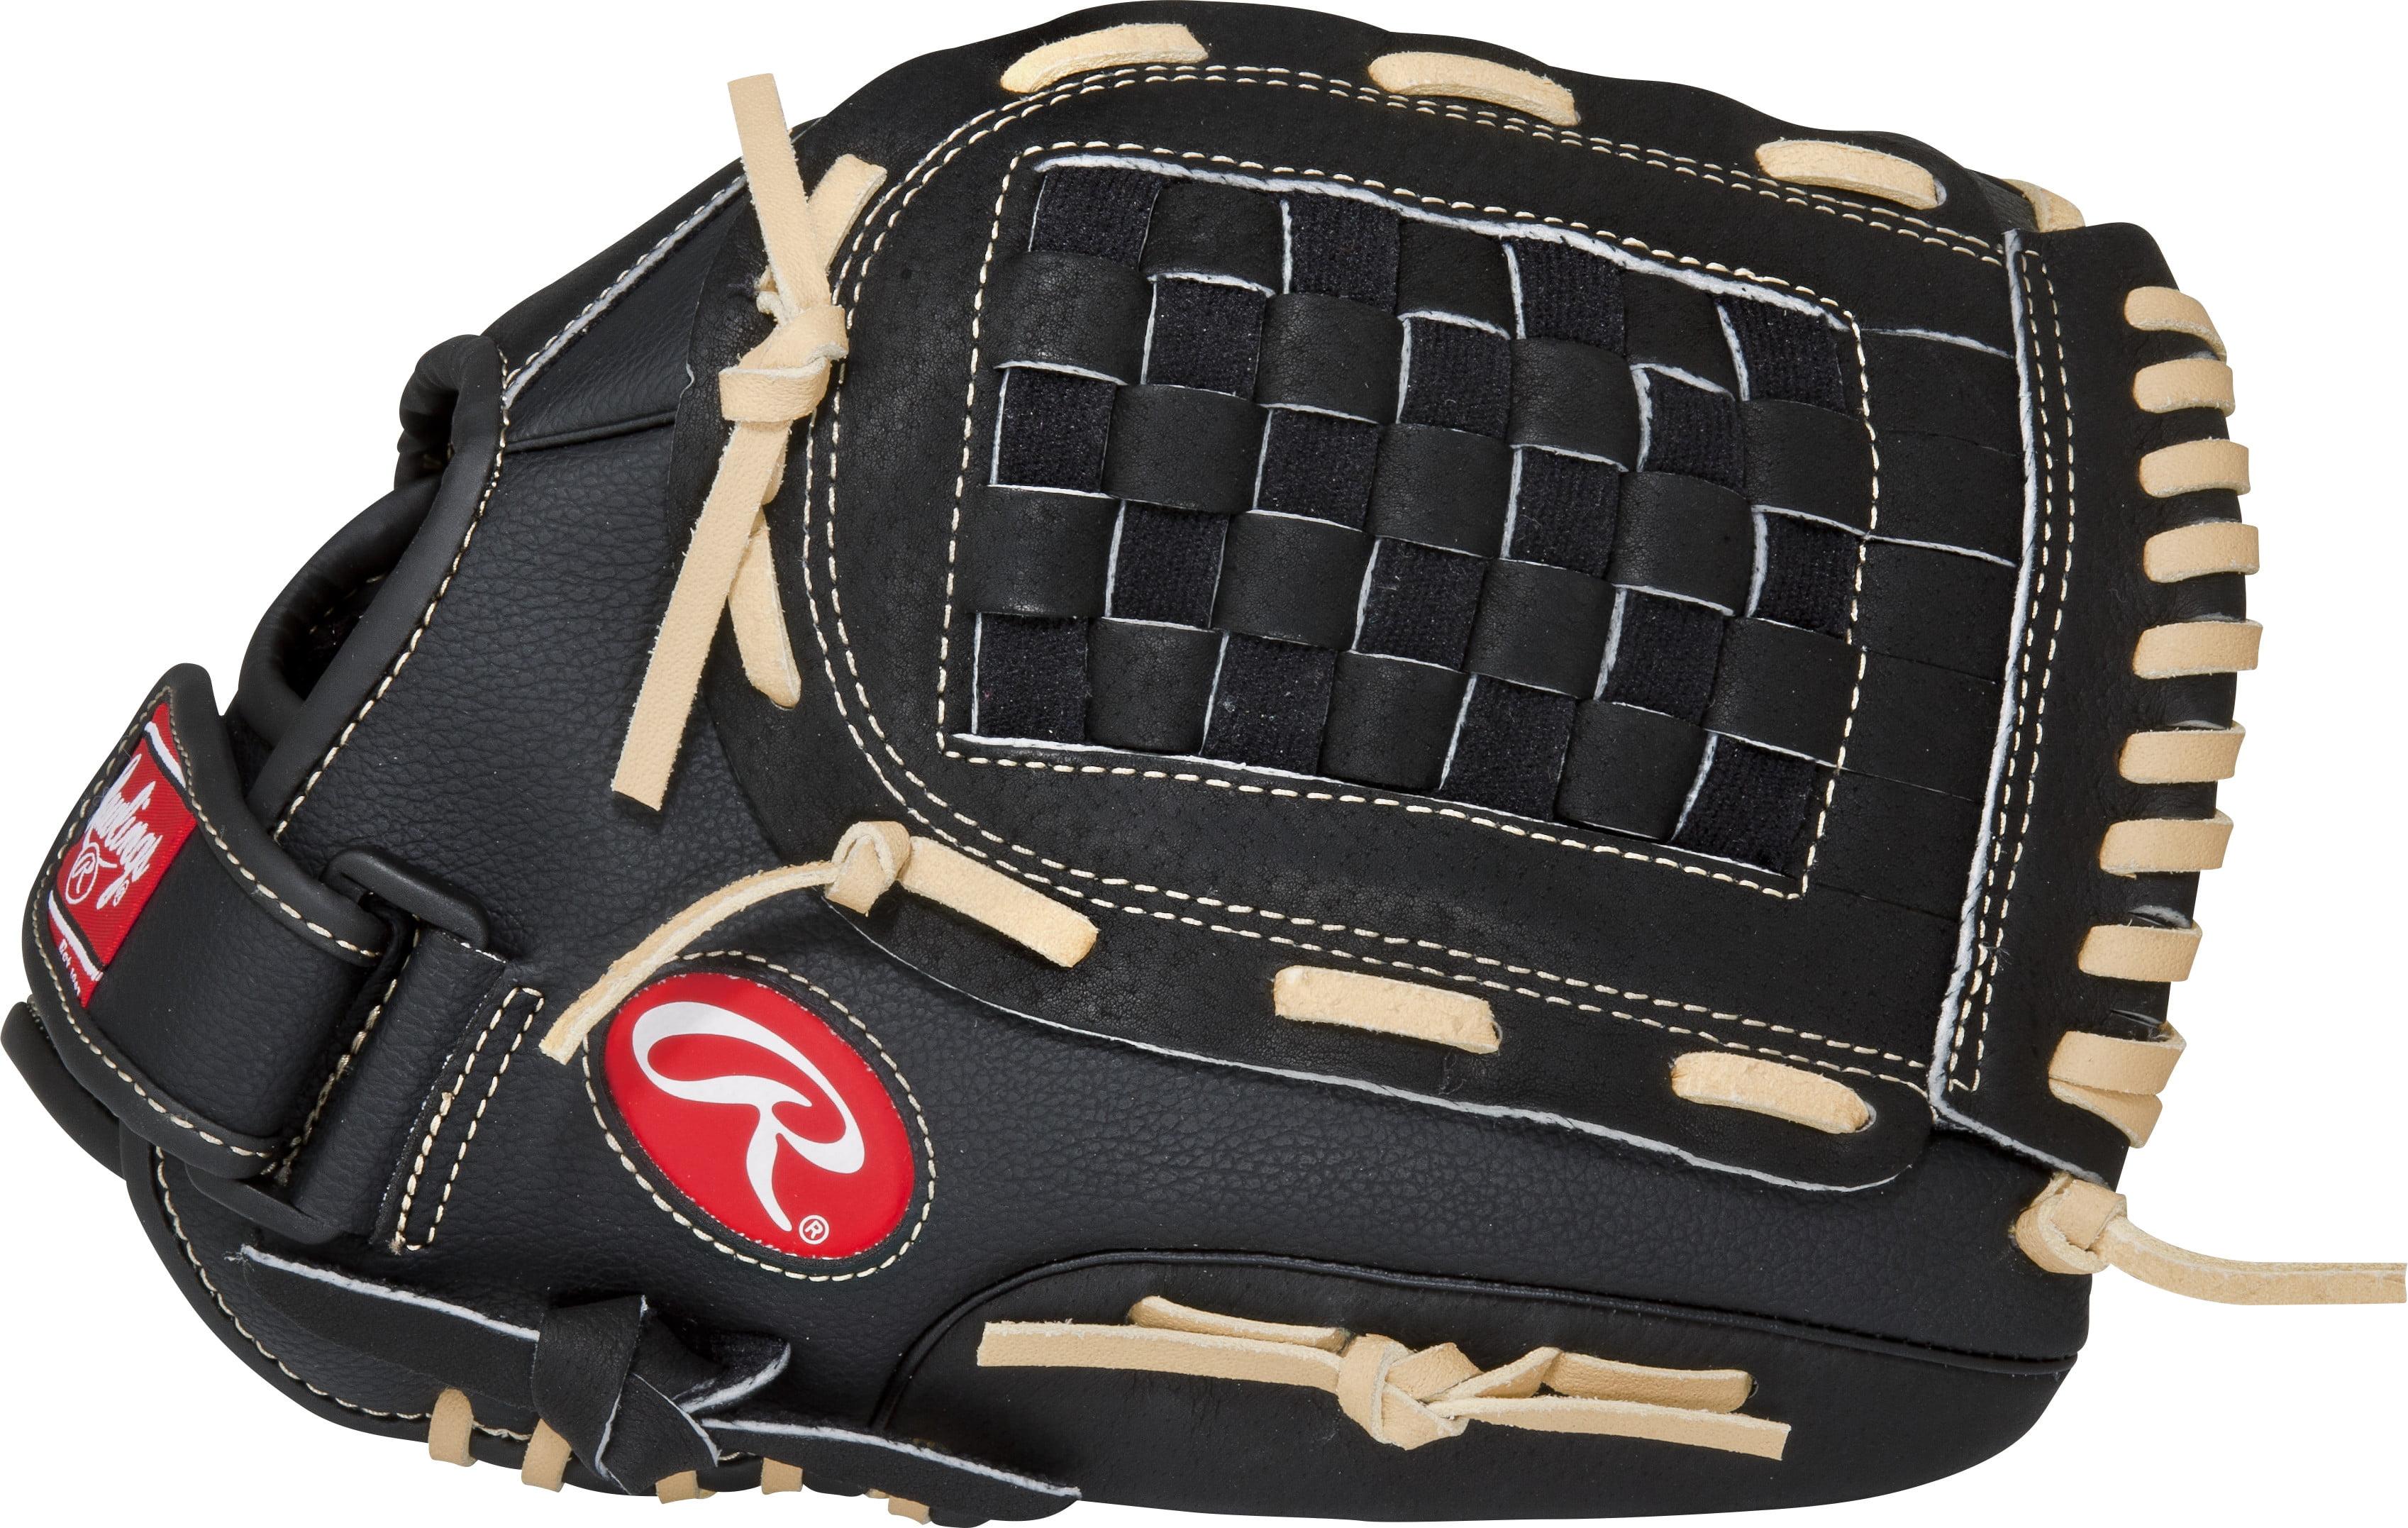 Rawlings RSB Series Softball Glove